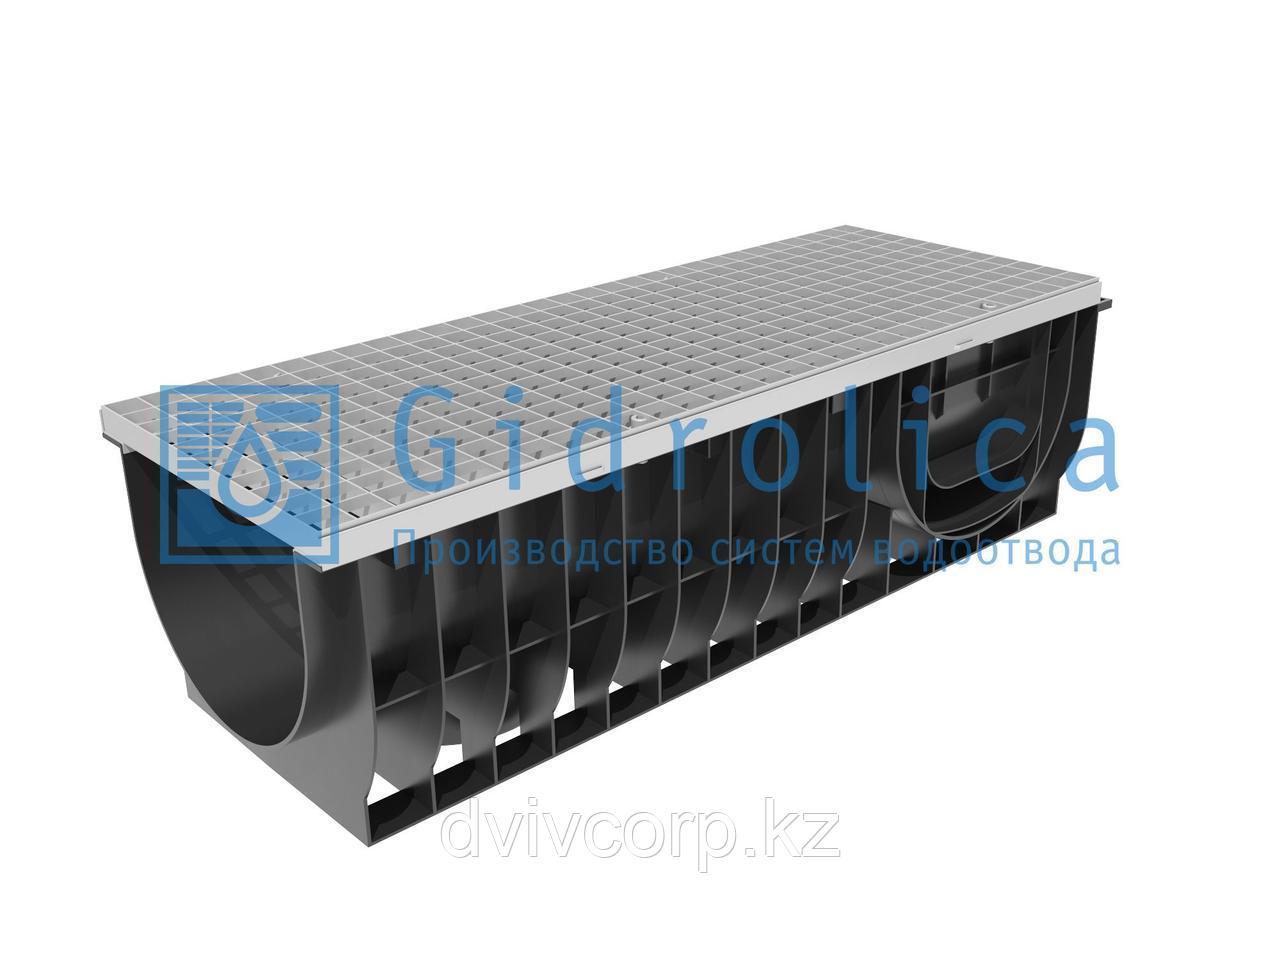 Арт. 0832А Комплект Gidrolica Light: лоток водоотводный ЛВ-30.38.28 - пластиковый c решеткой РВ -30.37.100